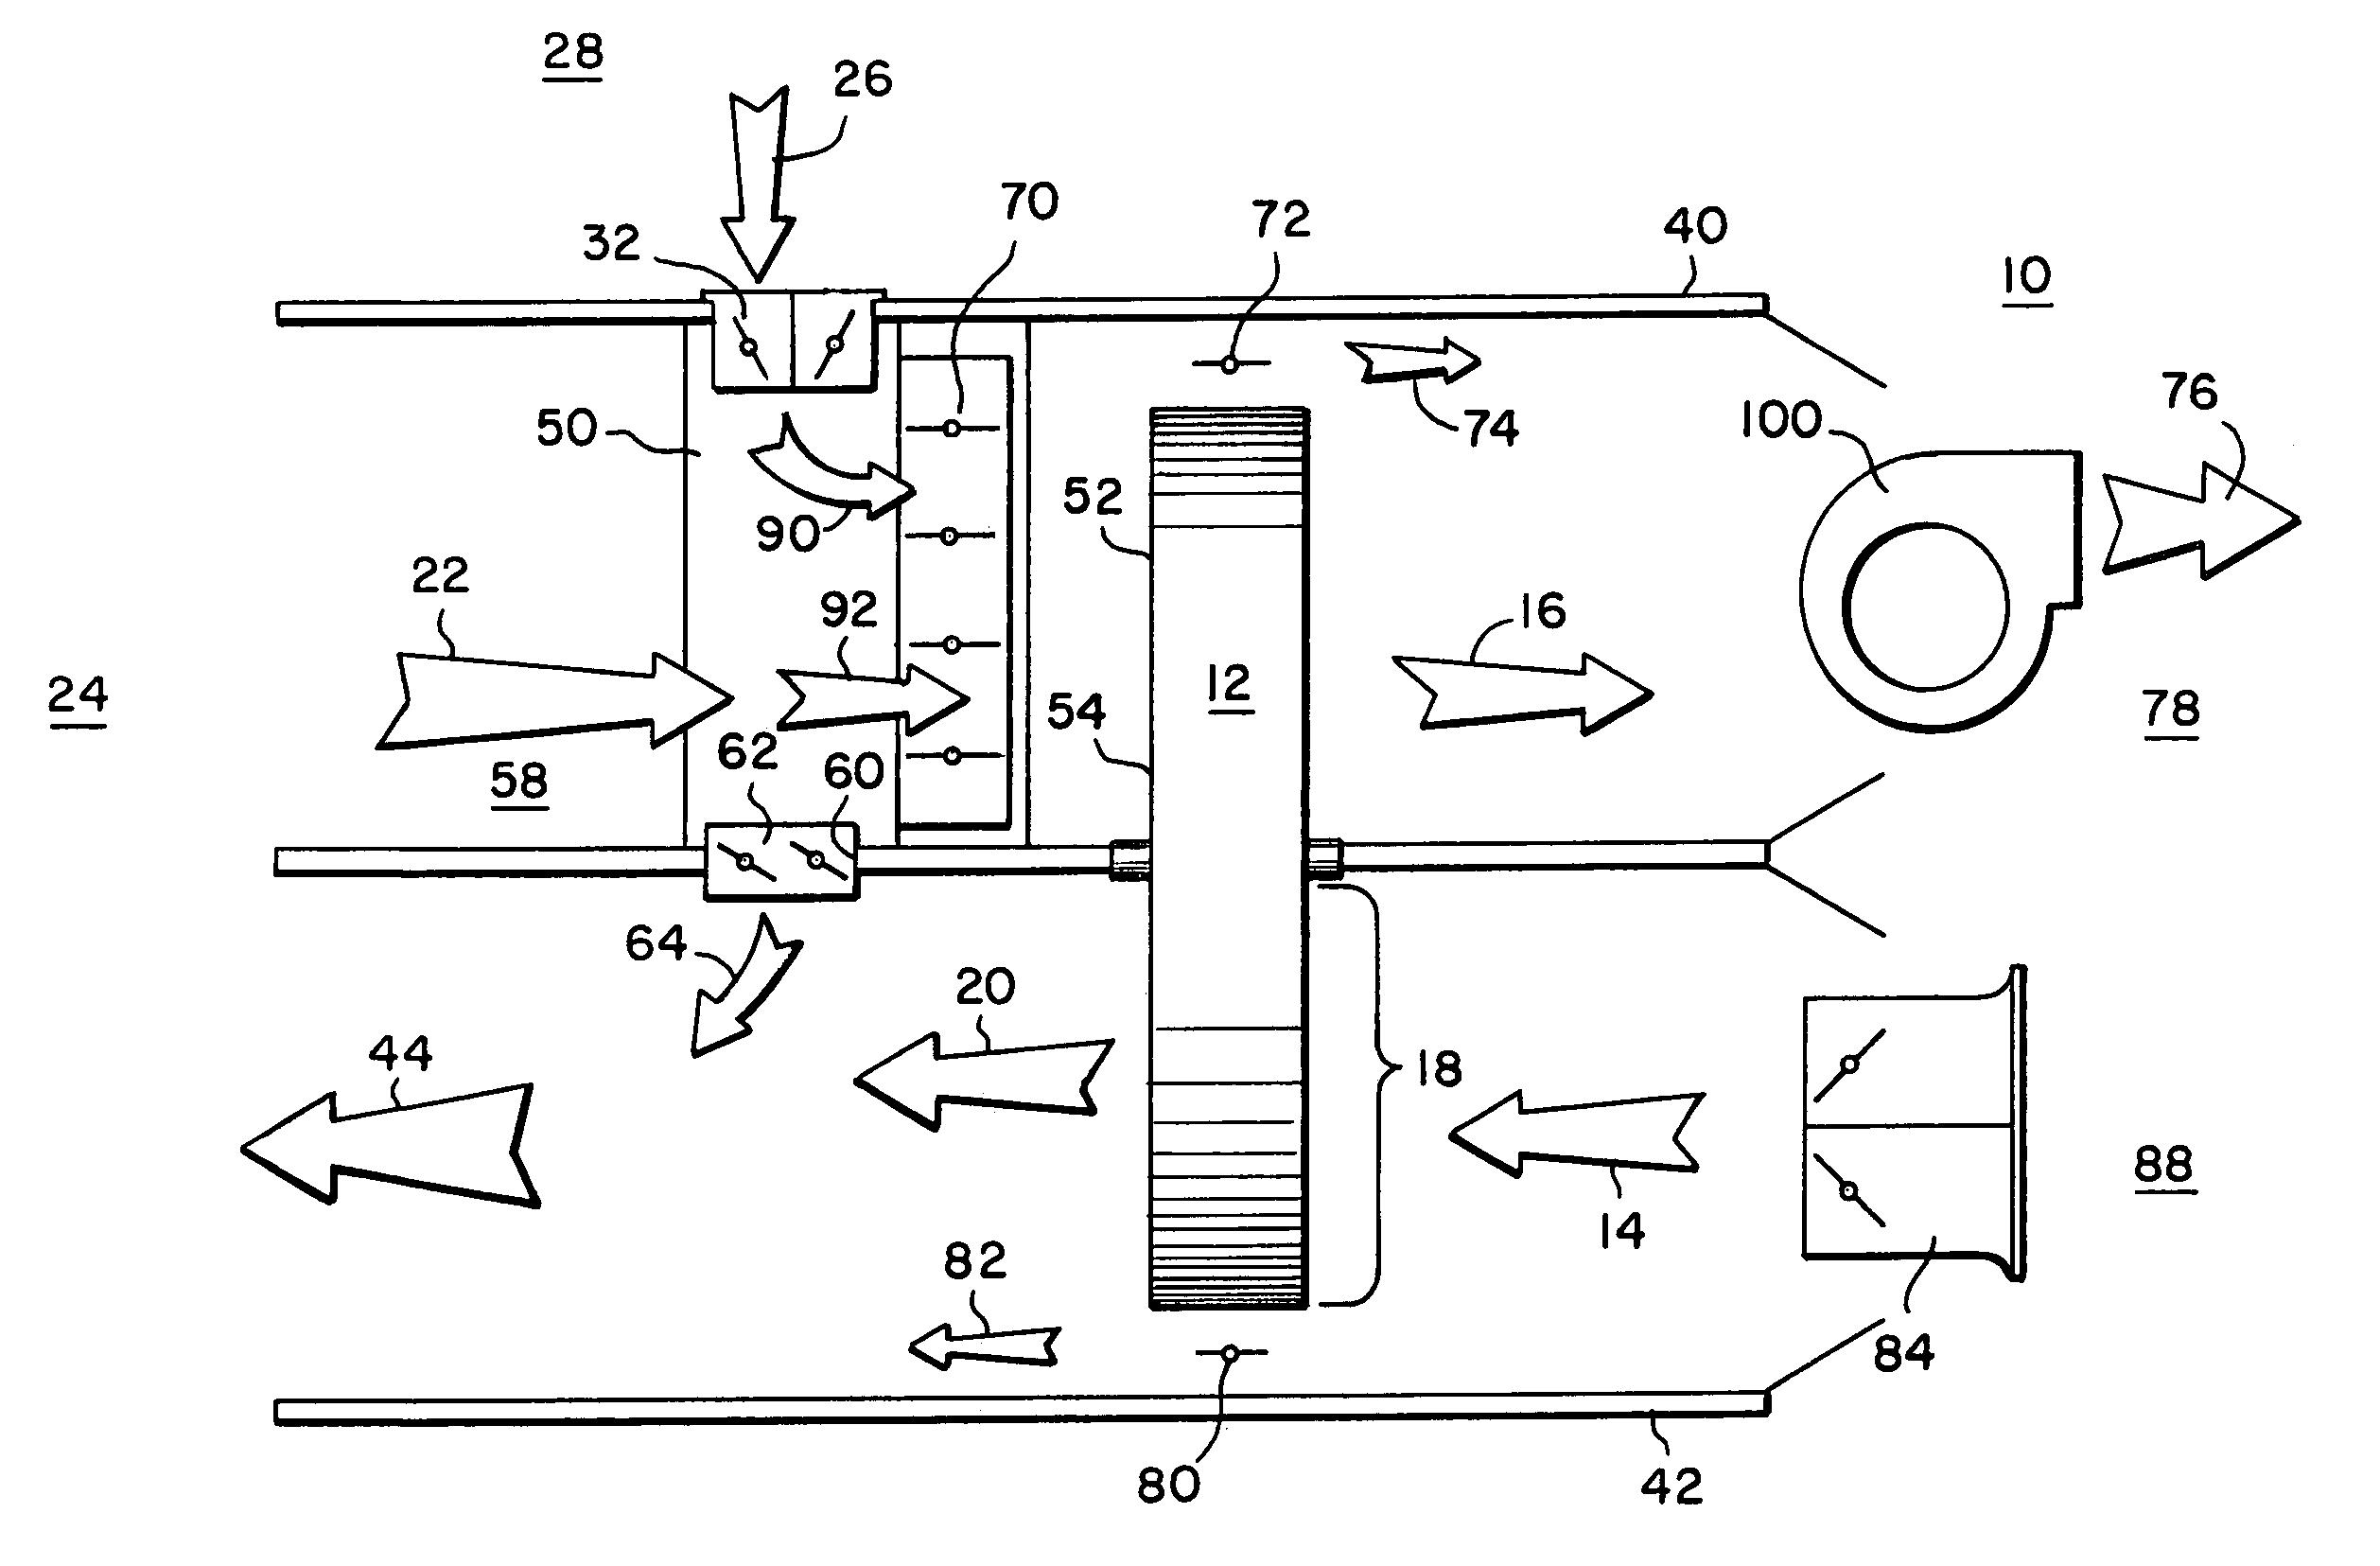 Air Handler Diagram Dual Path : 29 Wiring Diagram Images